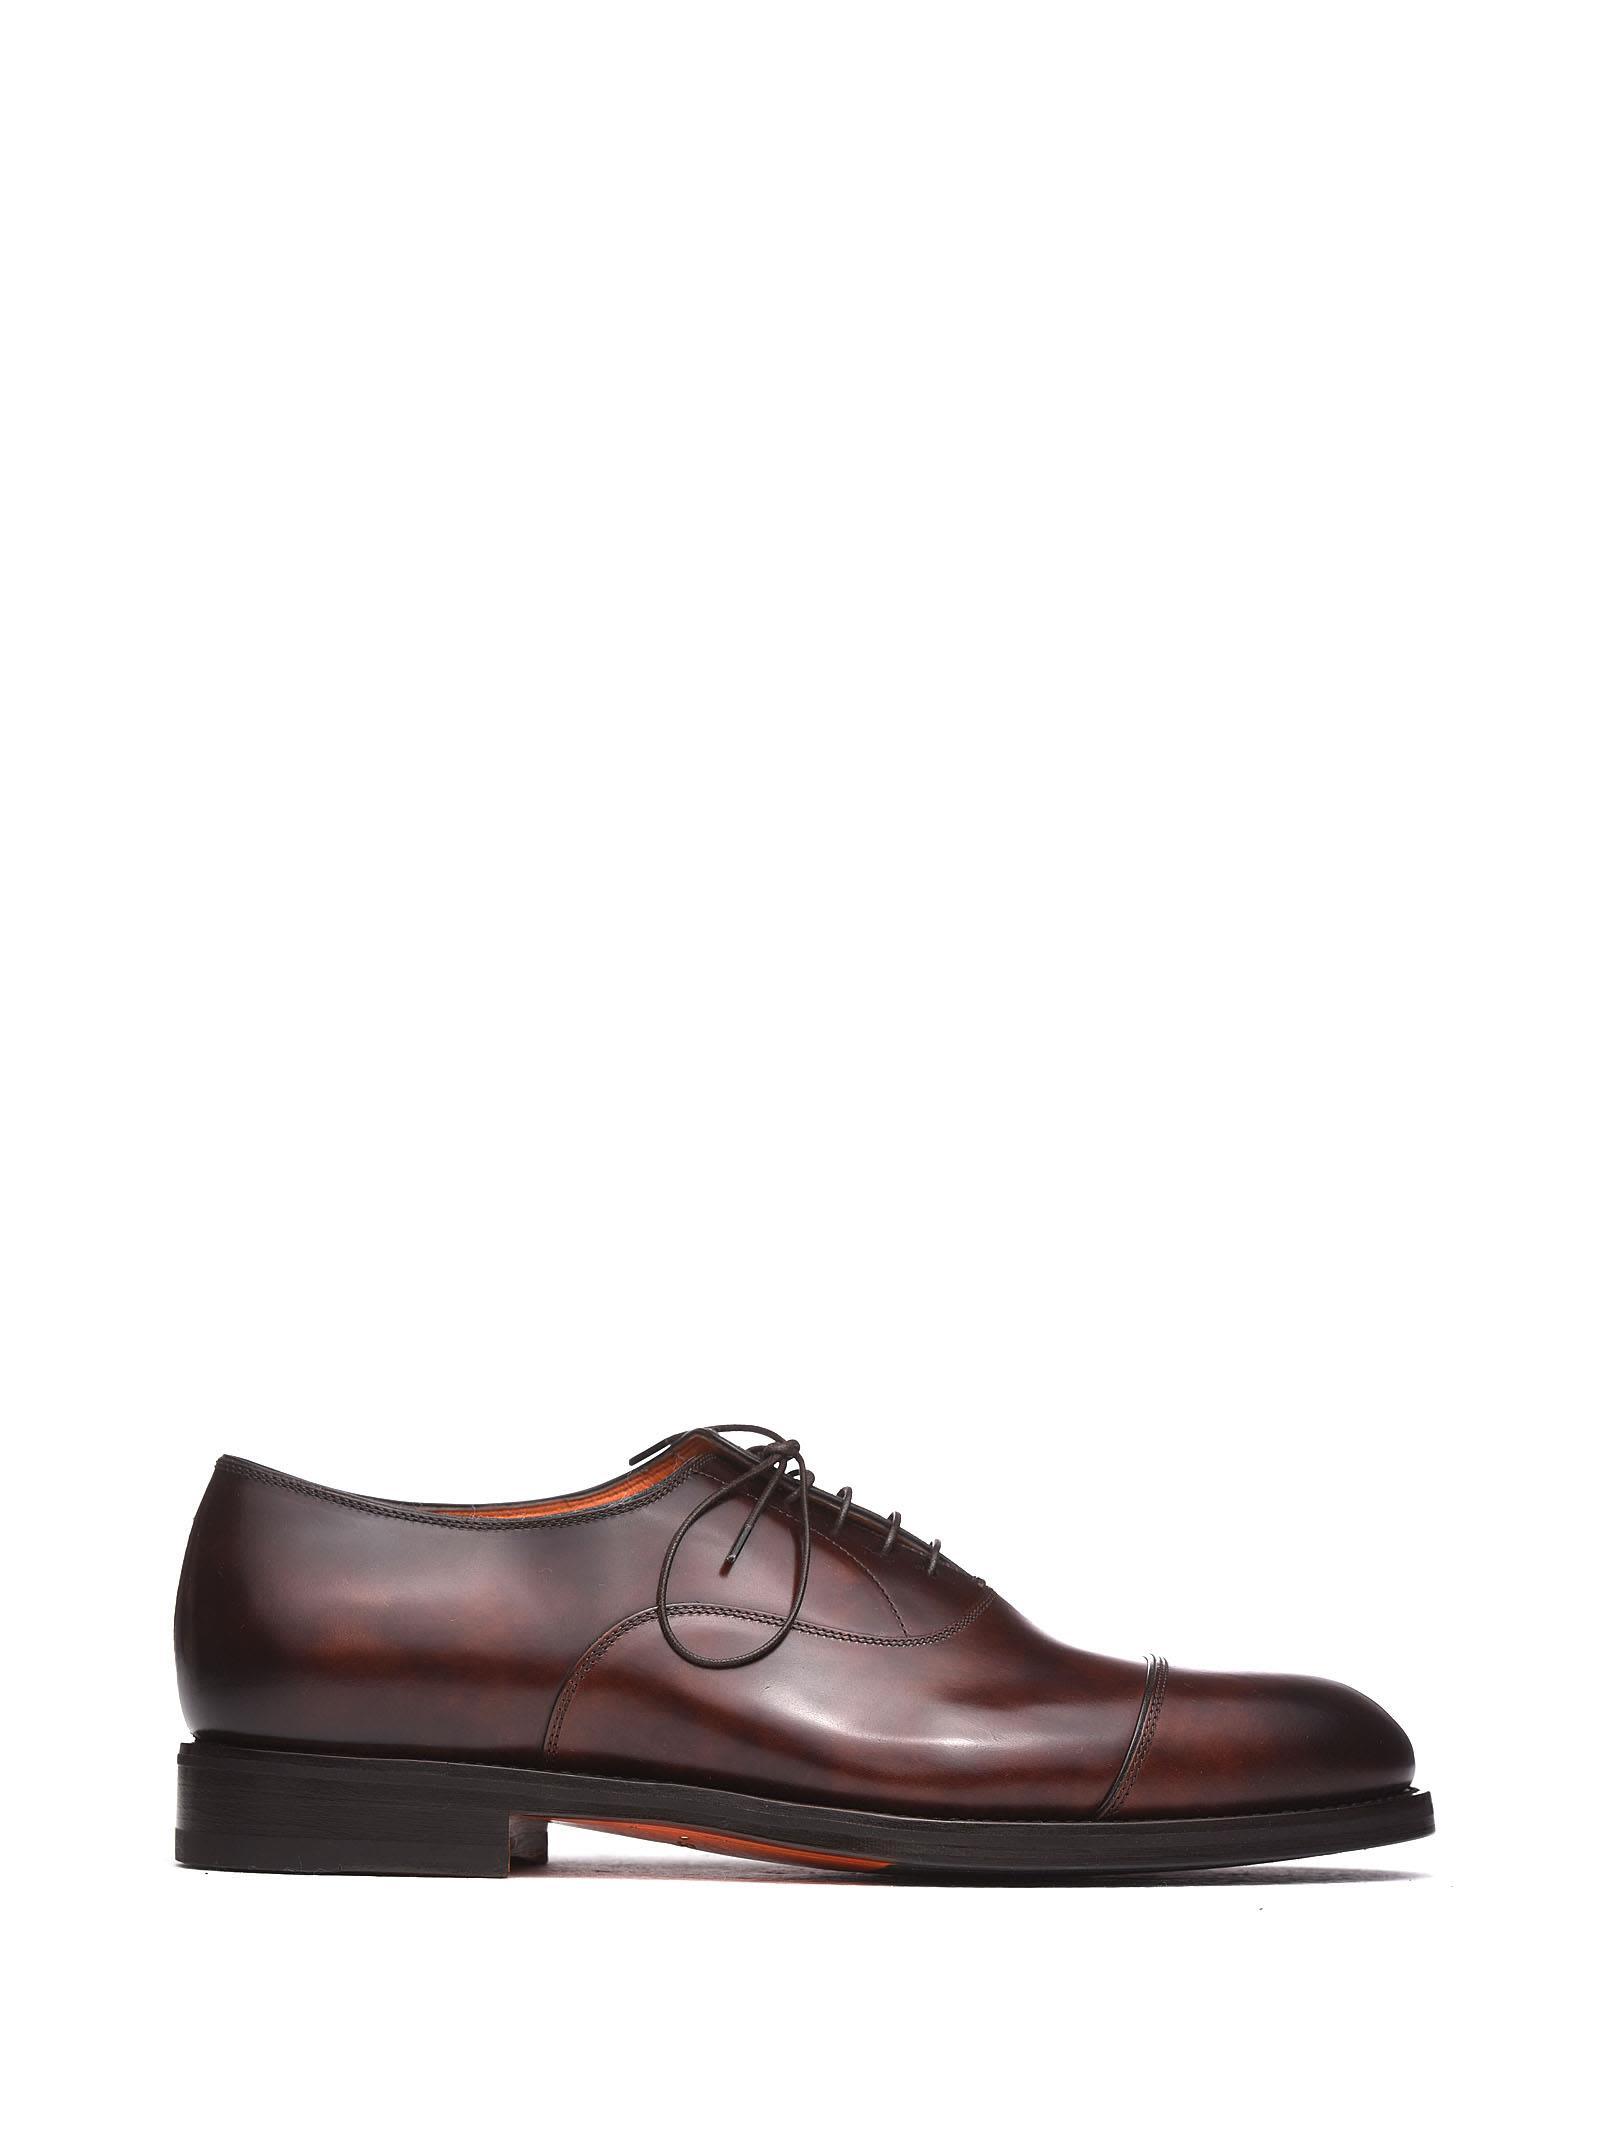 Santoni Brown Oxford Shoes